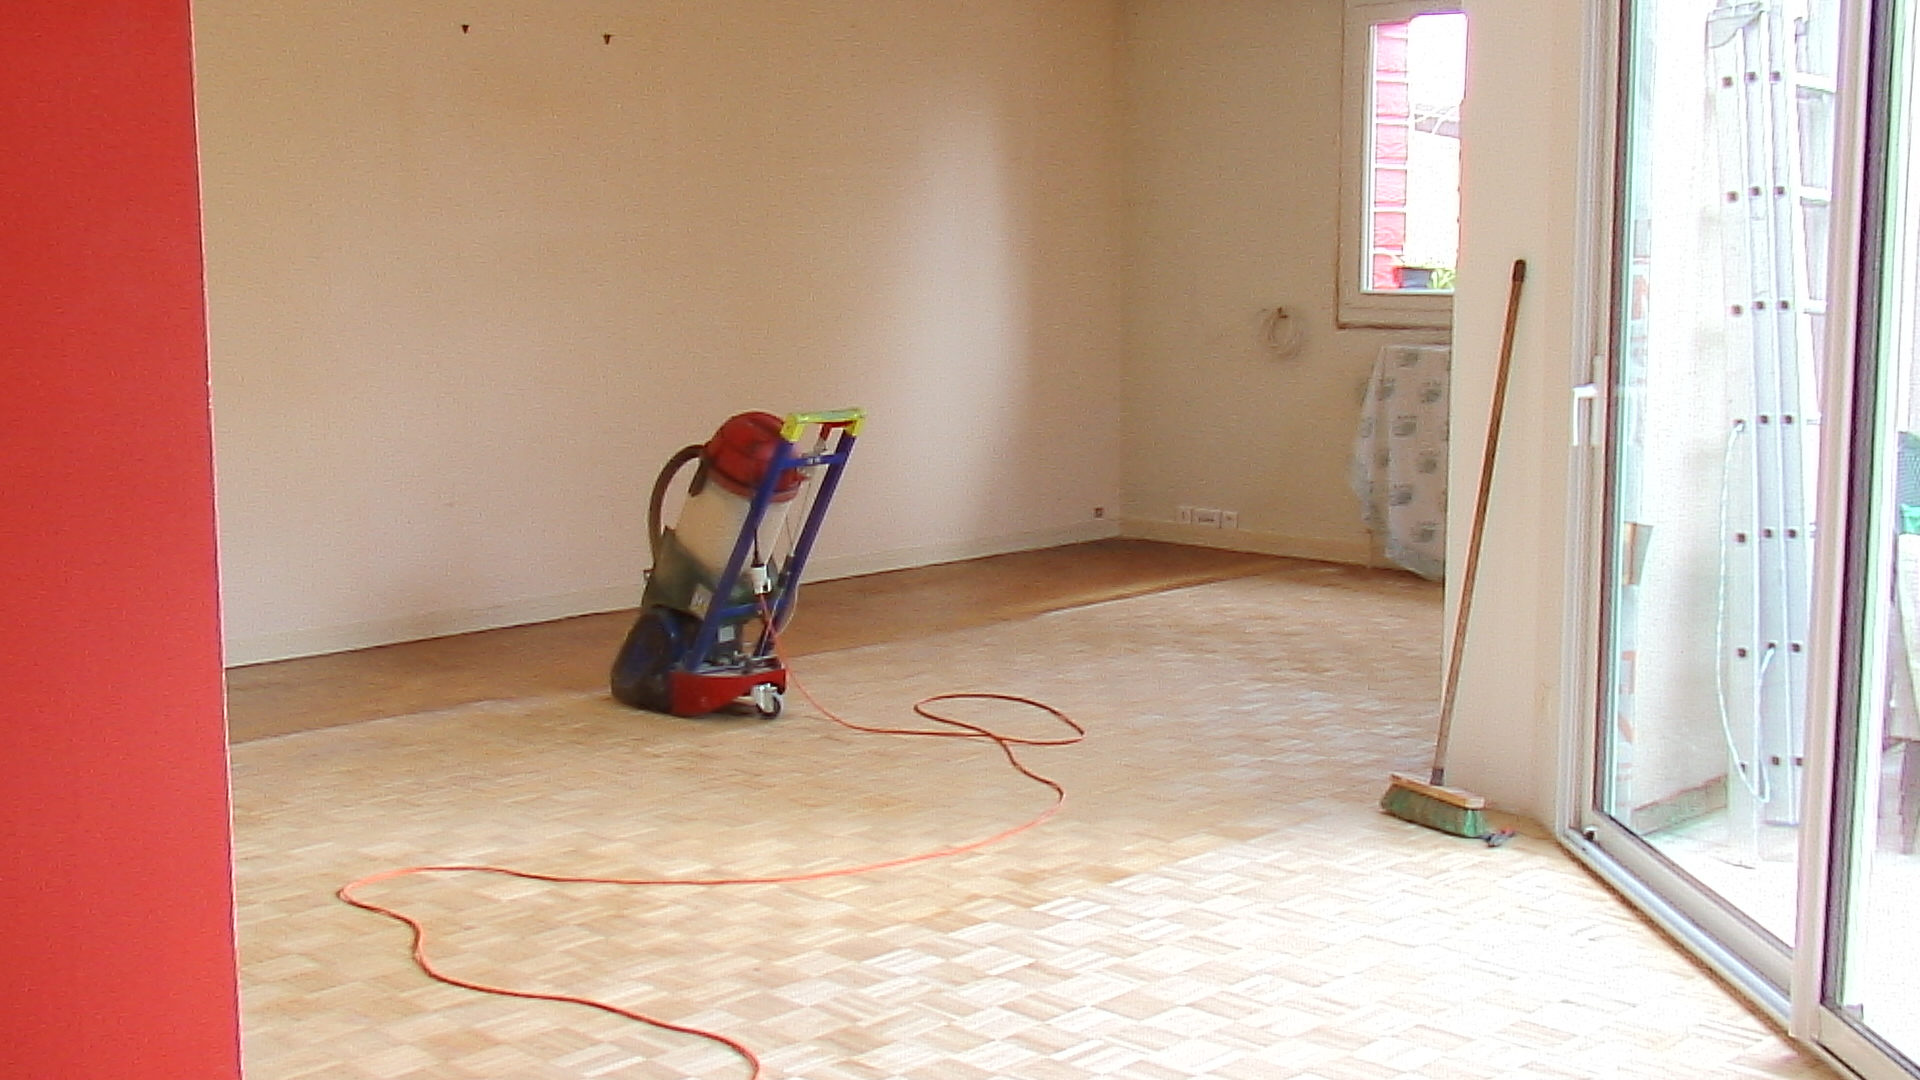 La maison rouge pon age et vitrification du parquet - Poncage et vitrification du parquet ...